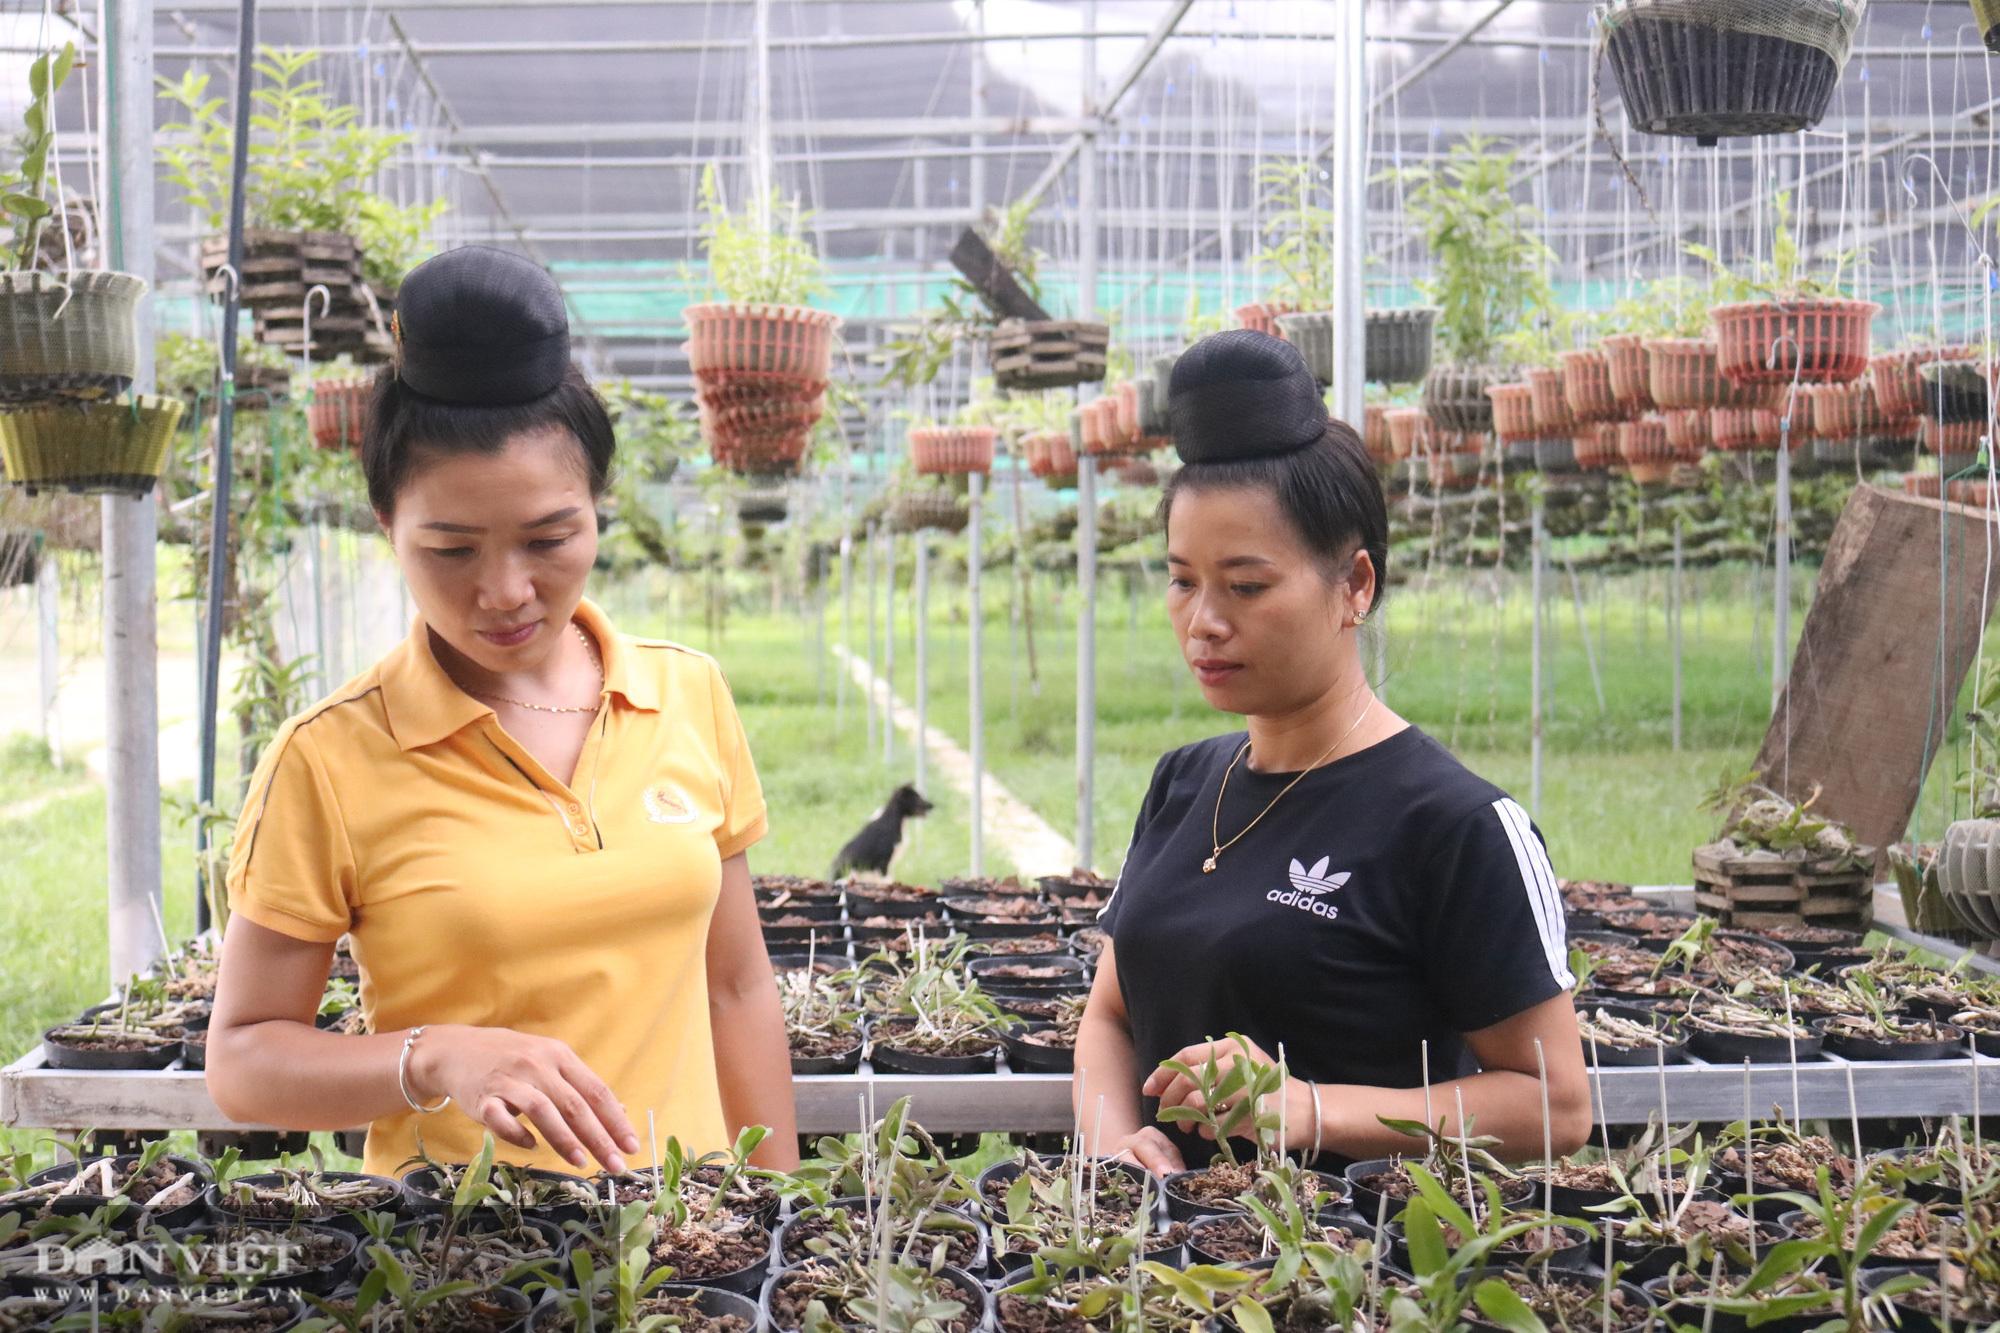 Vườn lan 'khủng' trên 6.000 giò của cô gái Thái ở Sơn La, ai nhìn cũng choáng